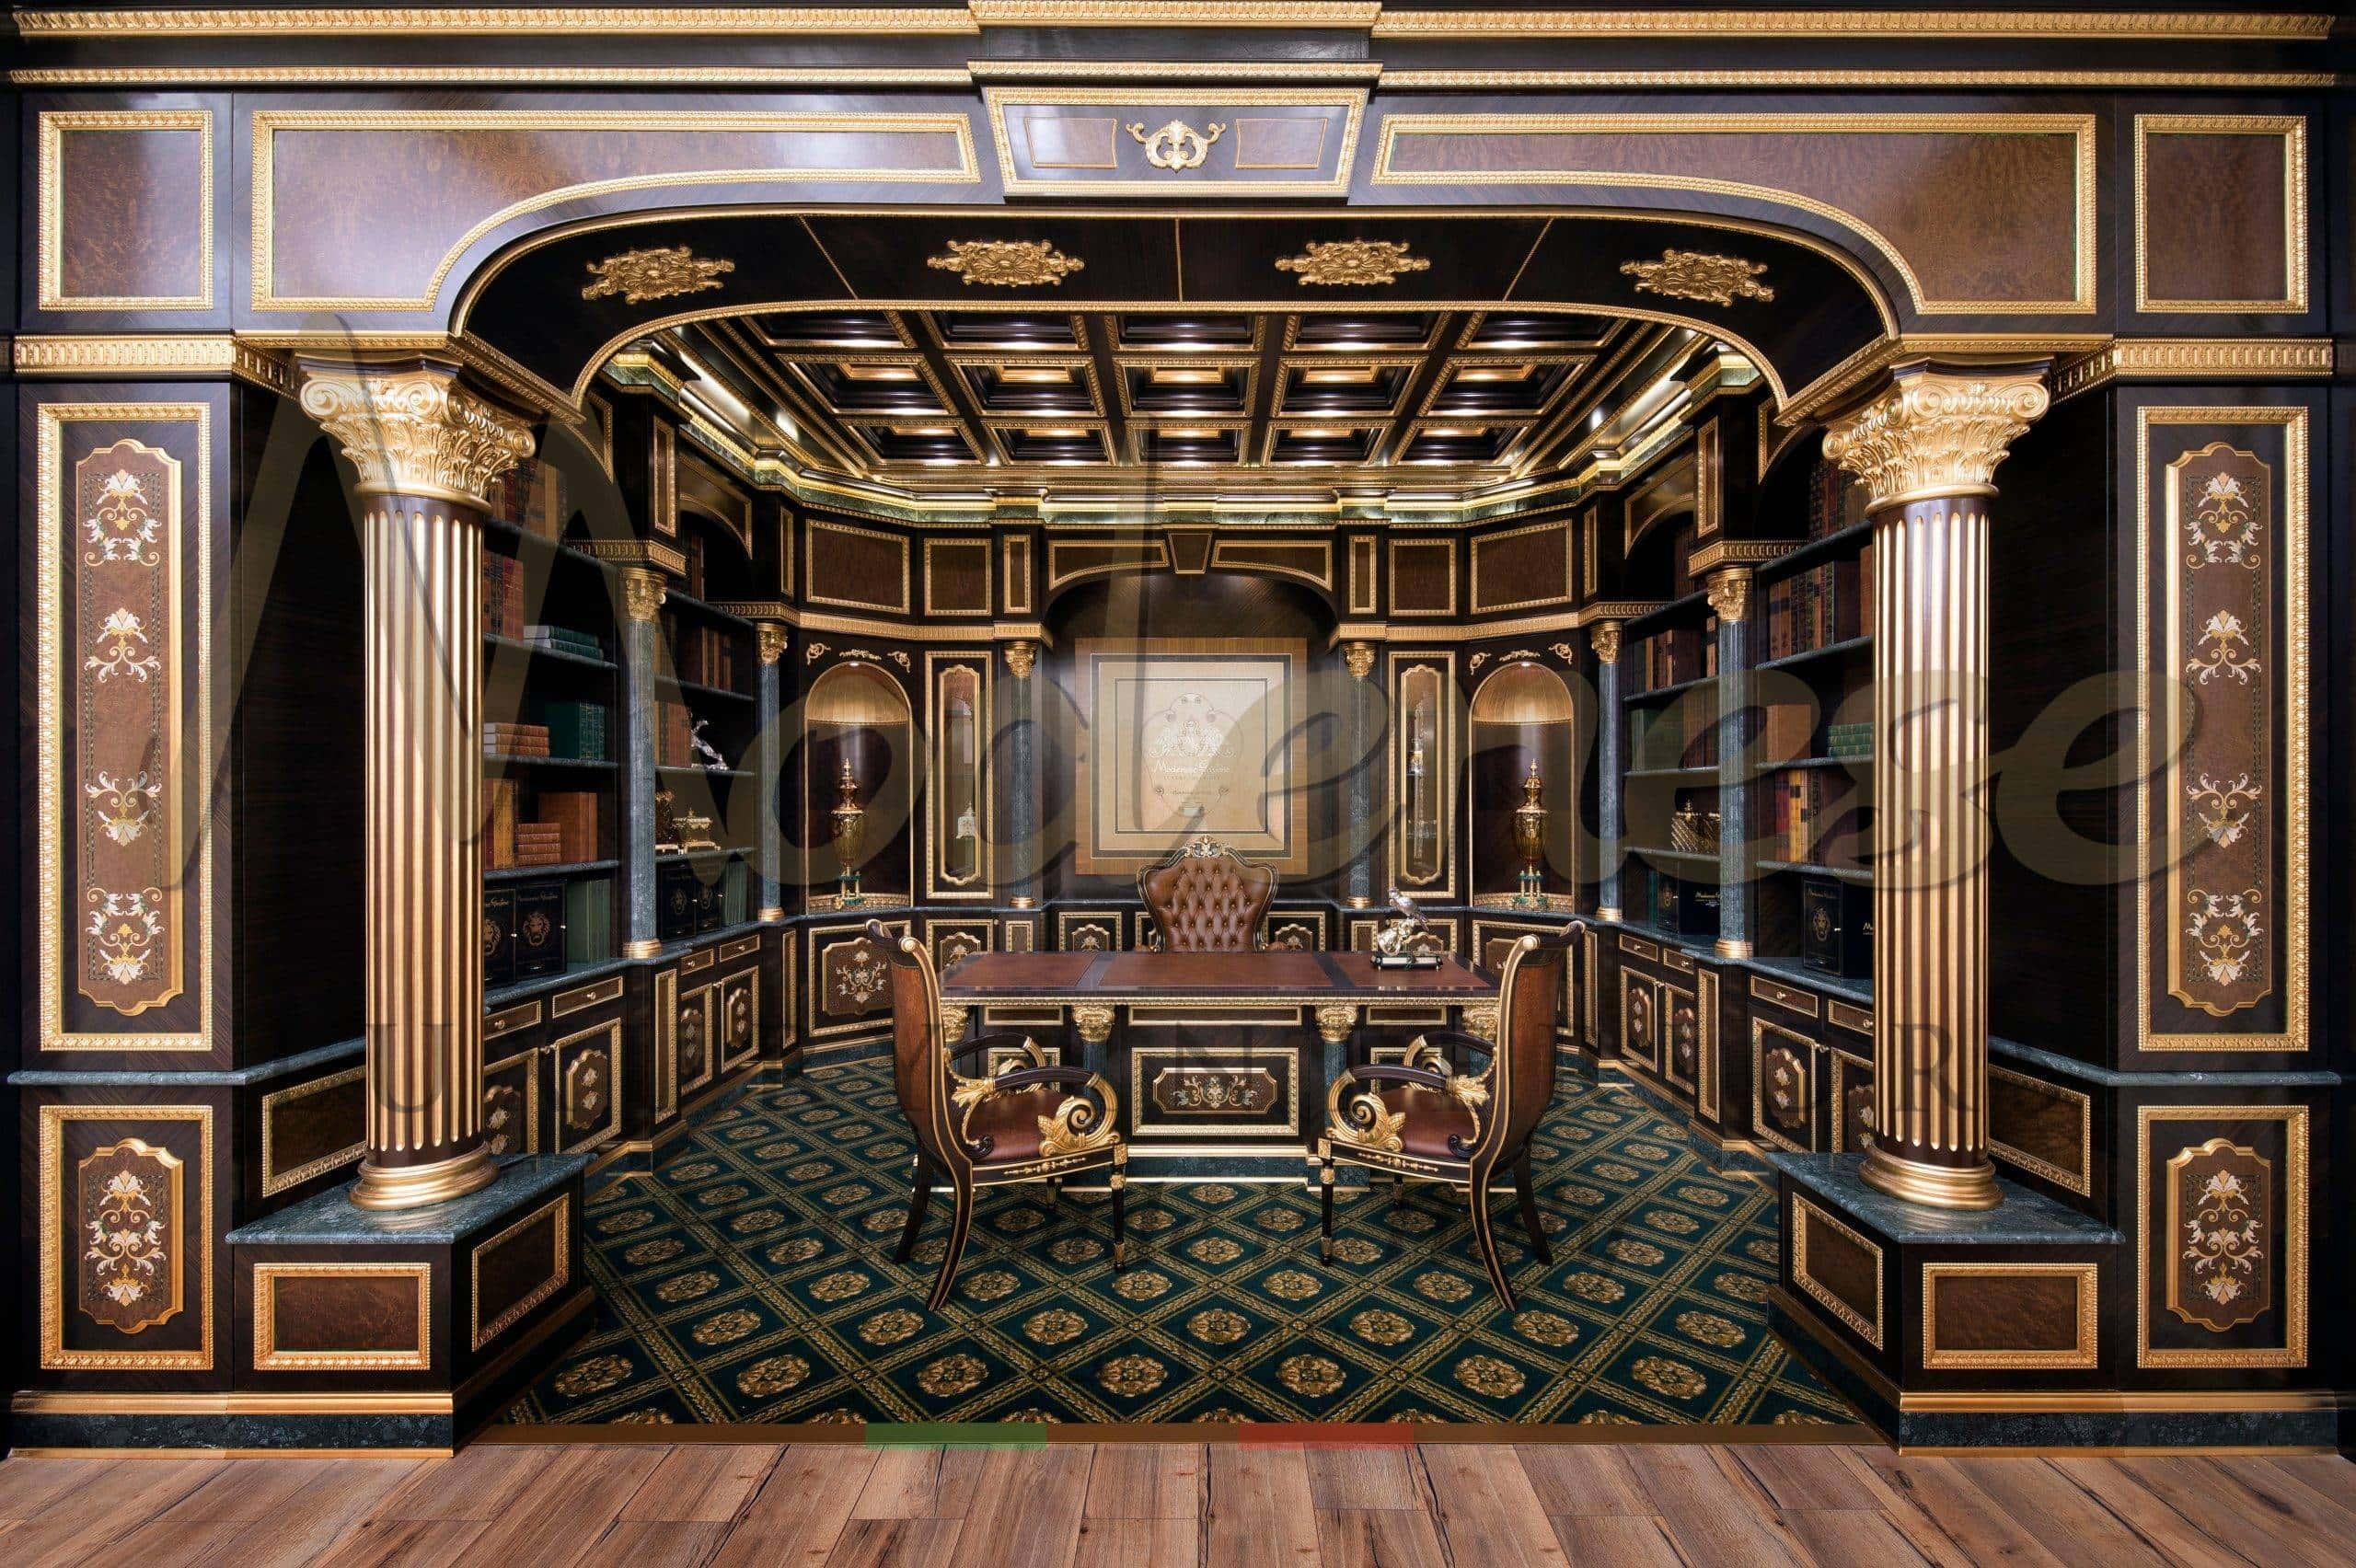 дизайн проект роскошных люксовых личных кабинетов классический итальянский роскошный офис дизайнерский кабинет на заказ дизайн проект роскошного личного кабинета идеи дизайна офиса